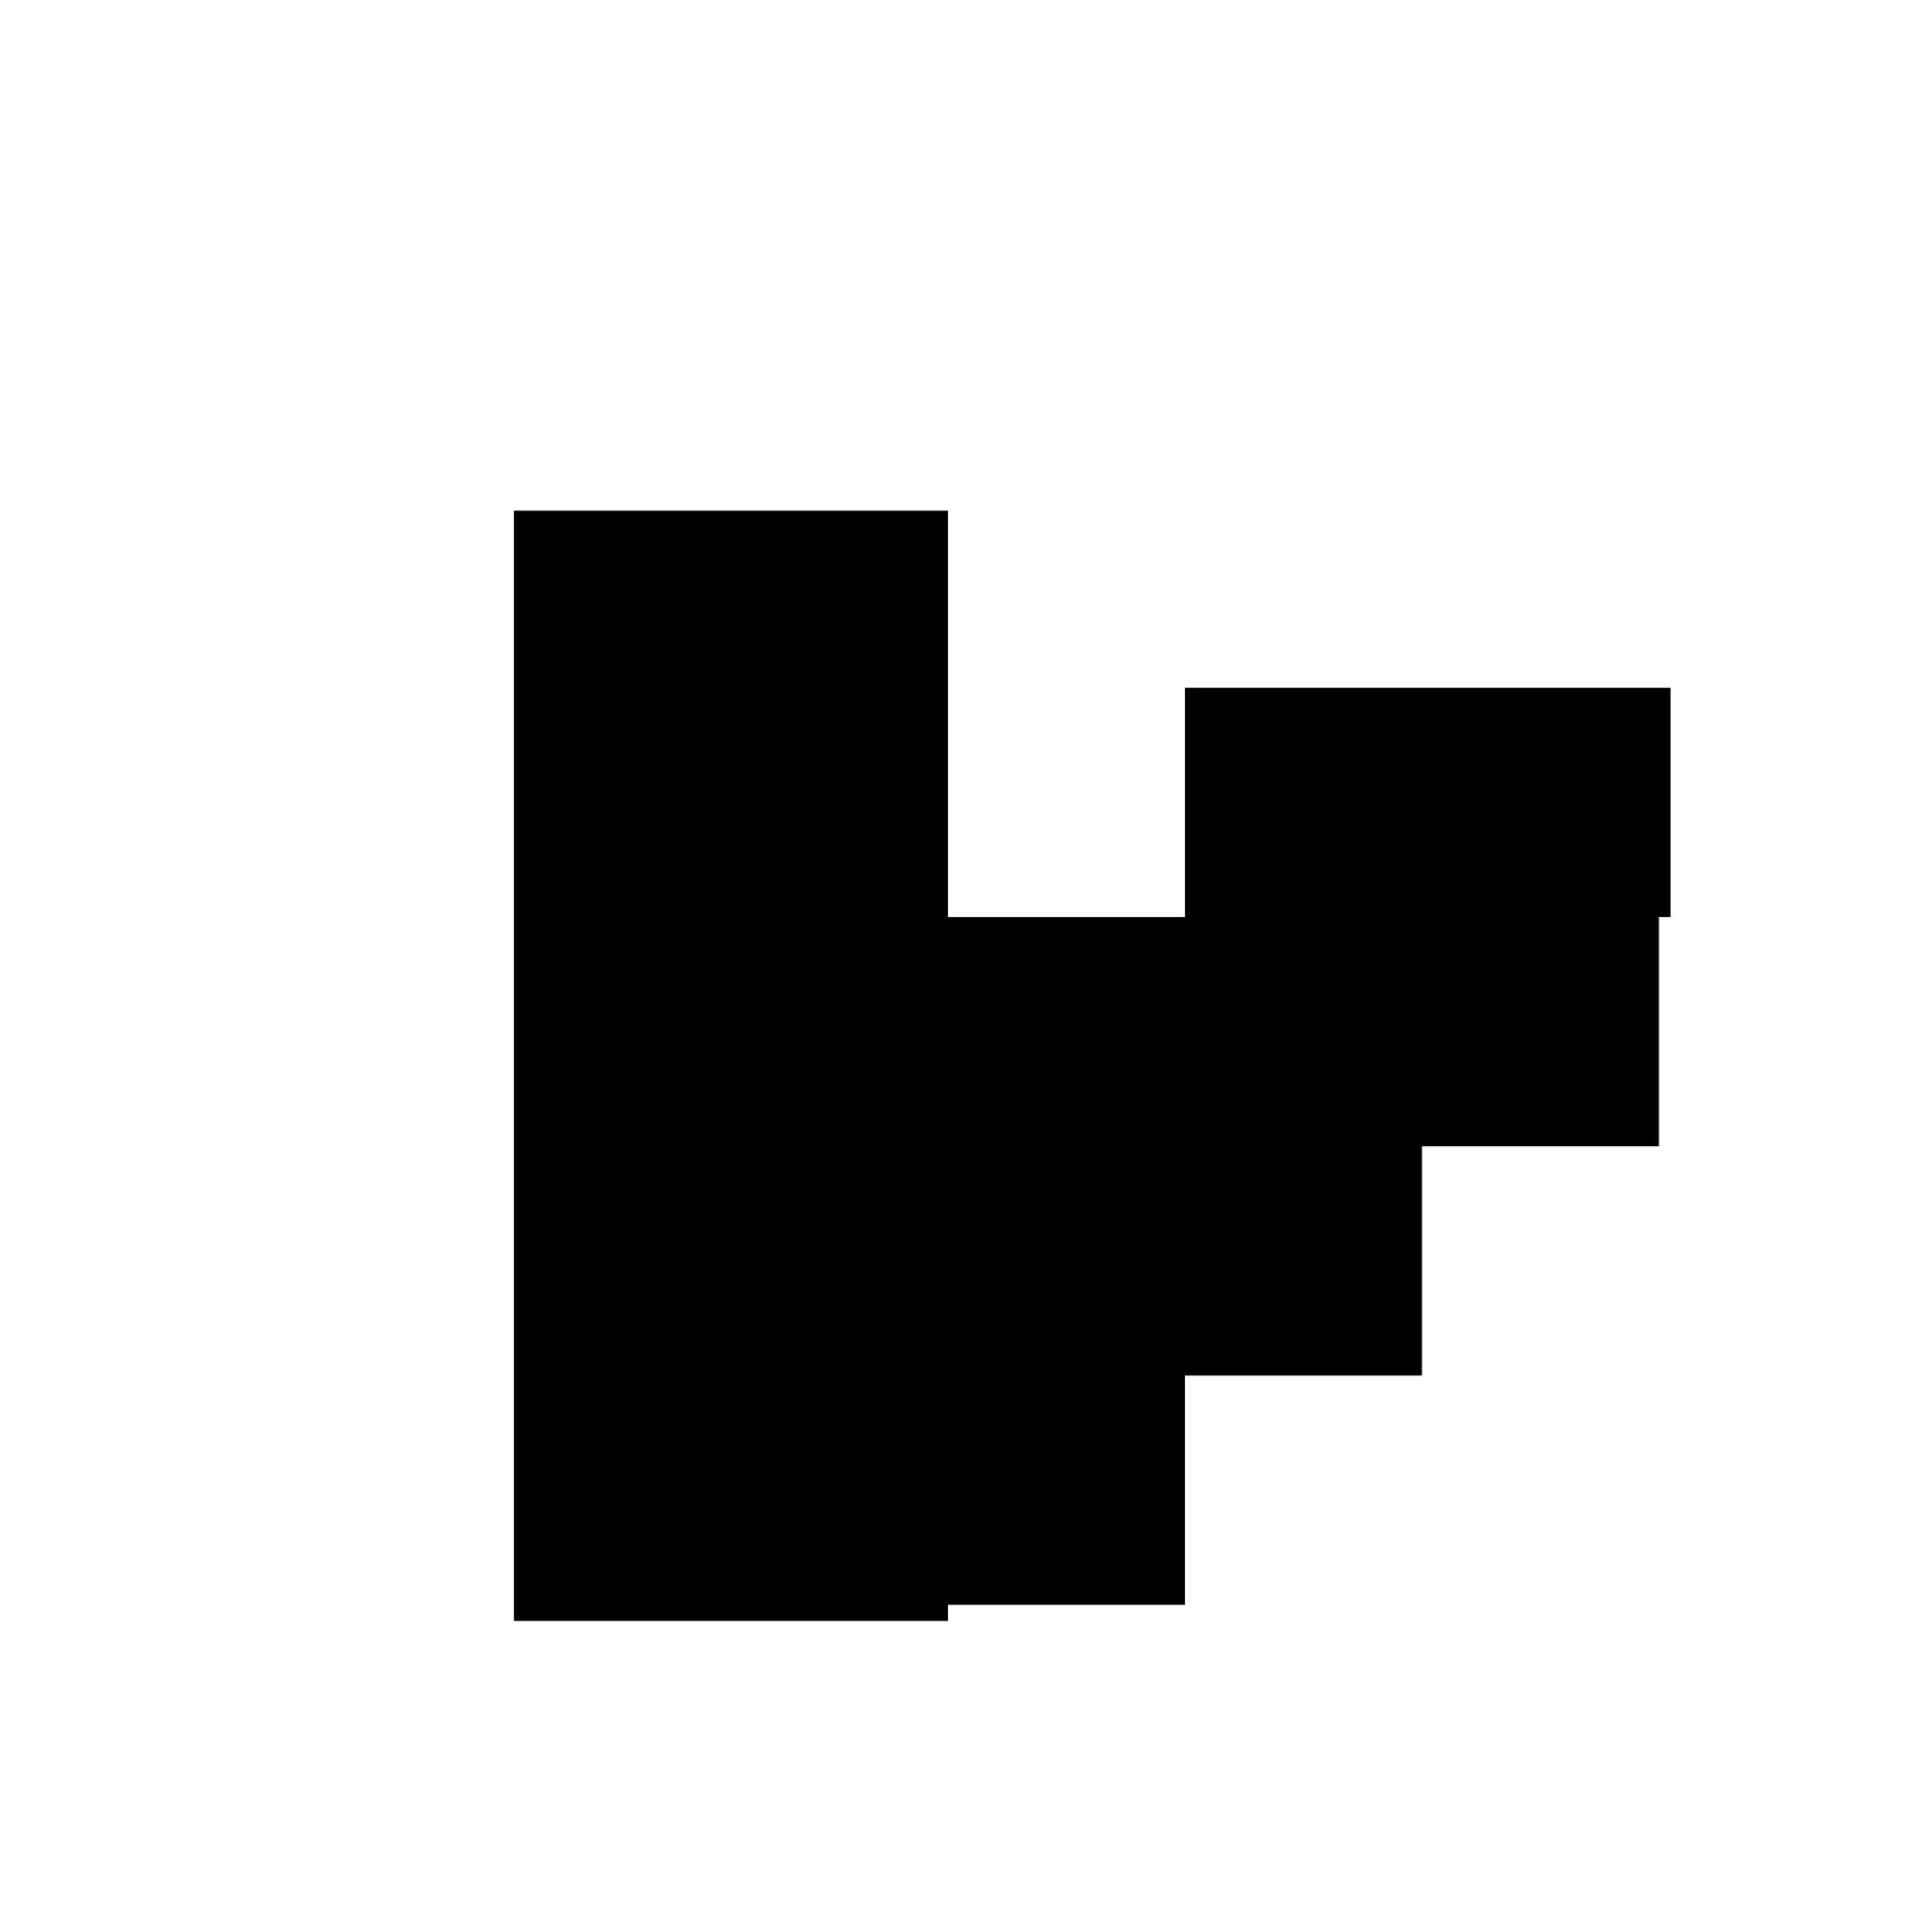 kurilka gutenberga